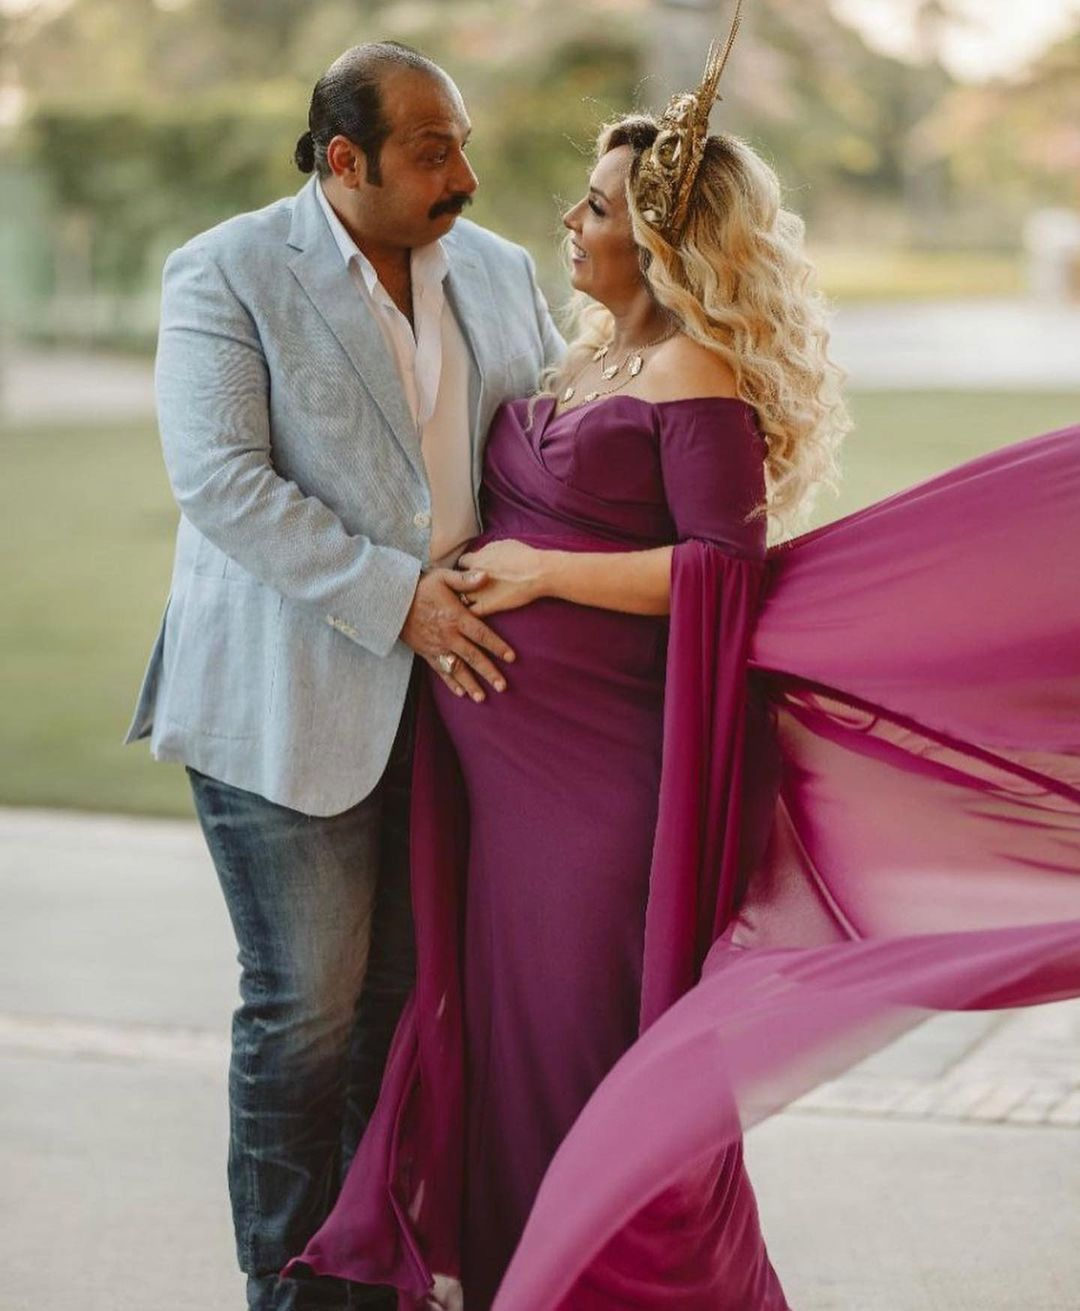 محمد ثروت وزوجته فى جلسة تصوير الحمل (3)